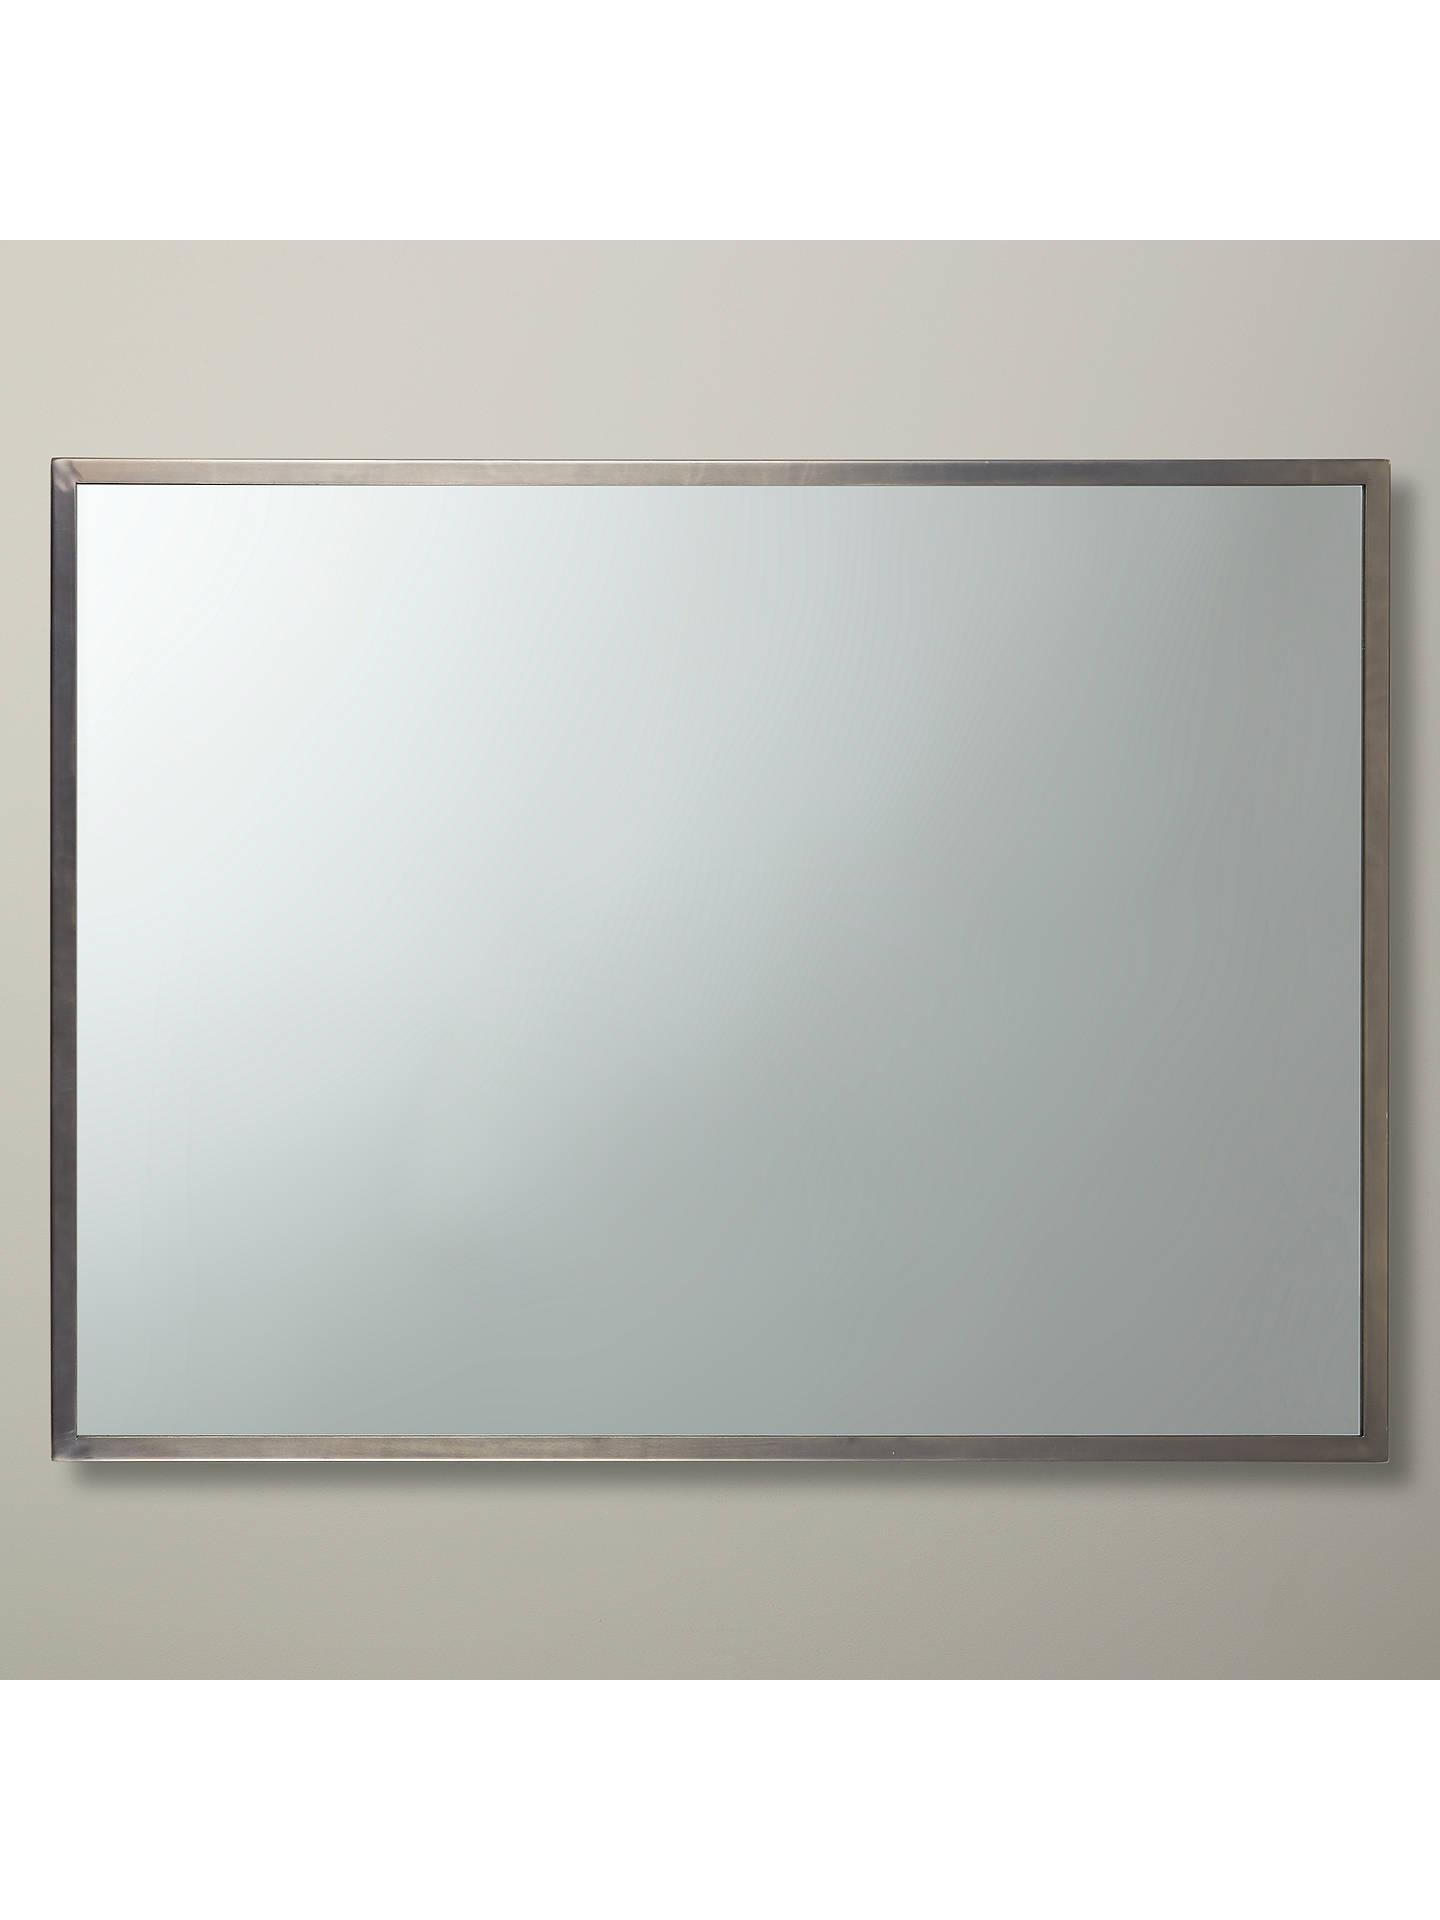 Buyjohn lewis partners ivey rectangular wall mirror 102 x 76cm pewter online at